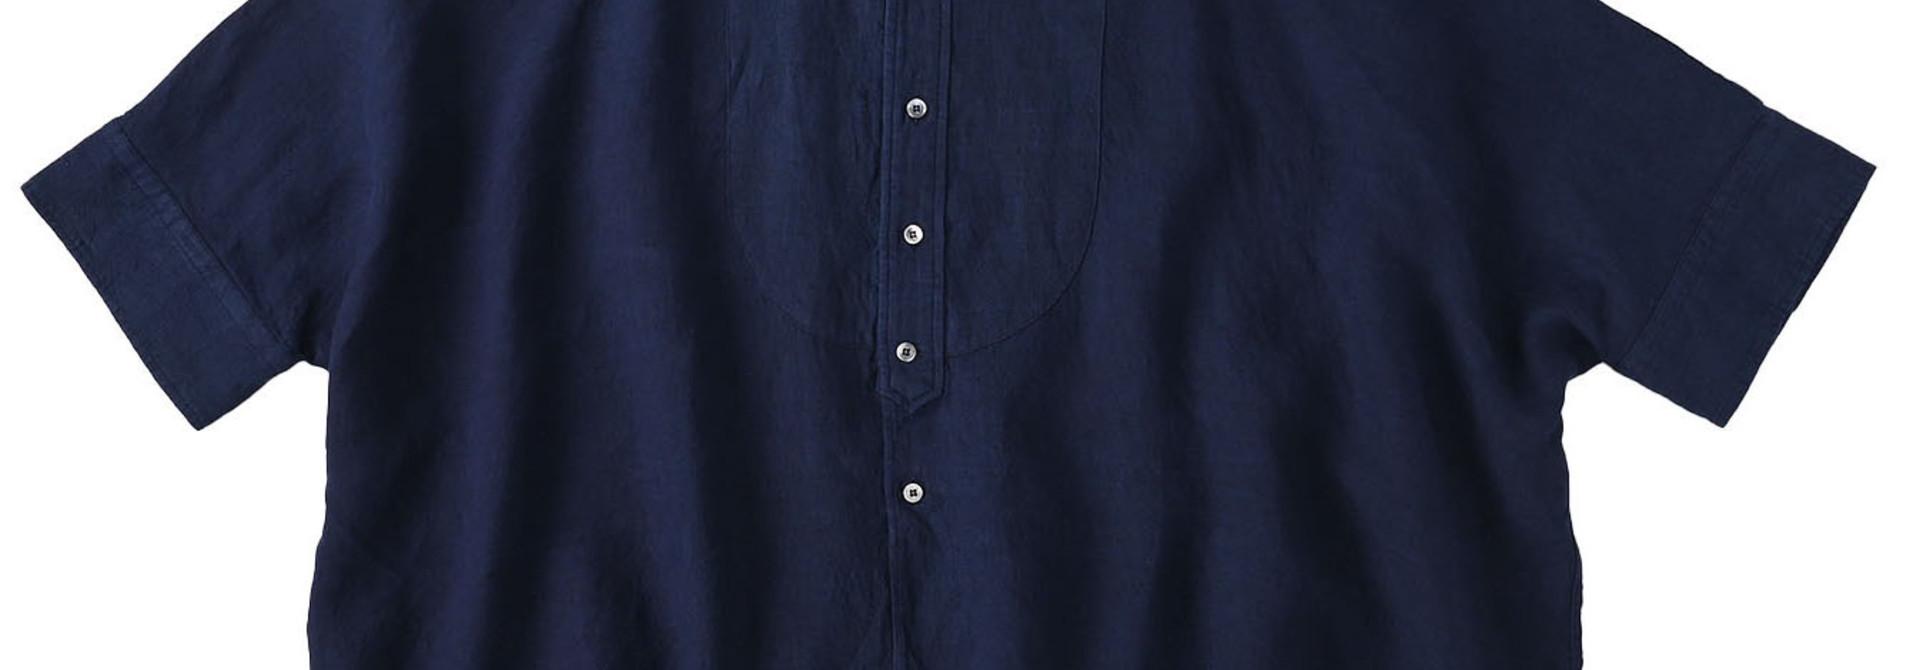 Indigo Indian Linen Flat Big Shirt (0521)